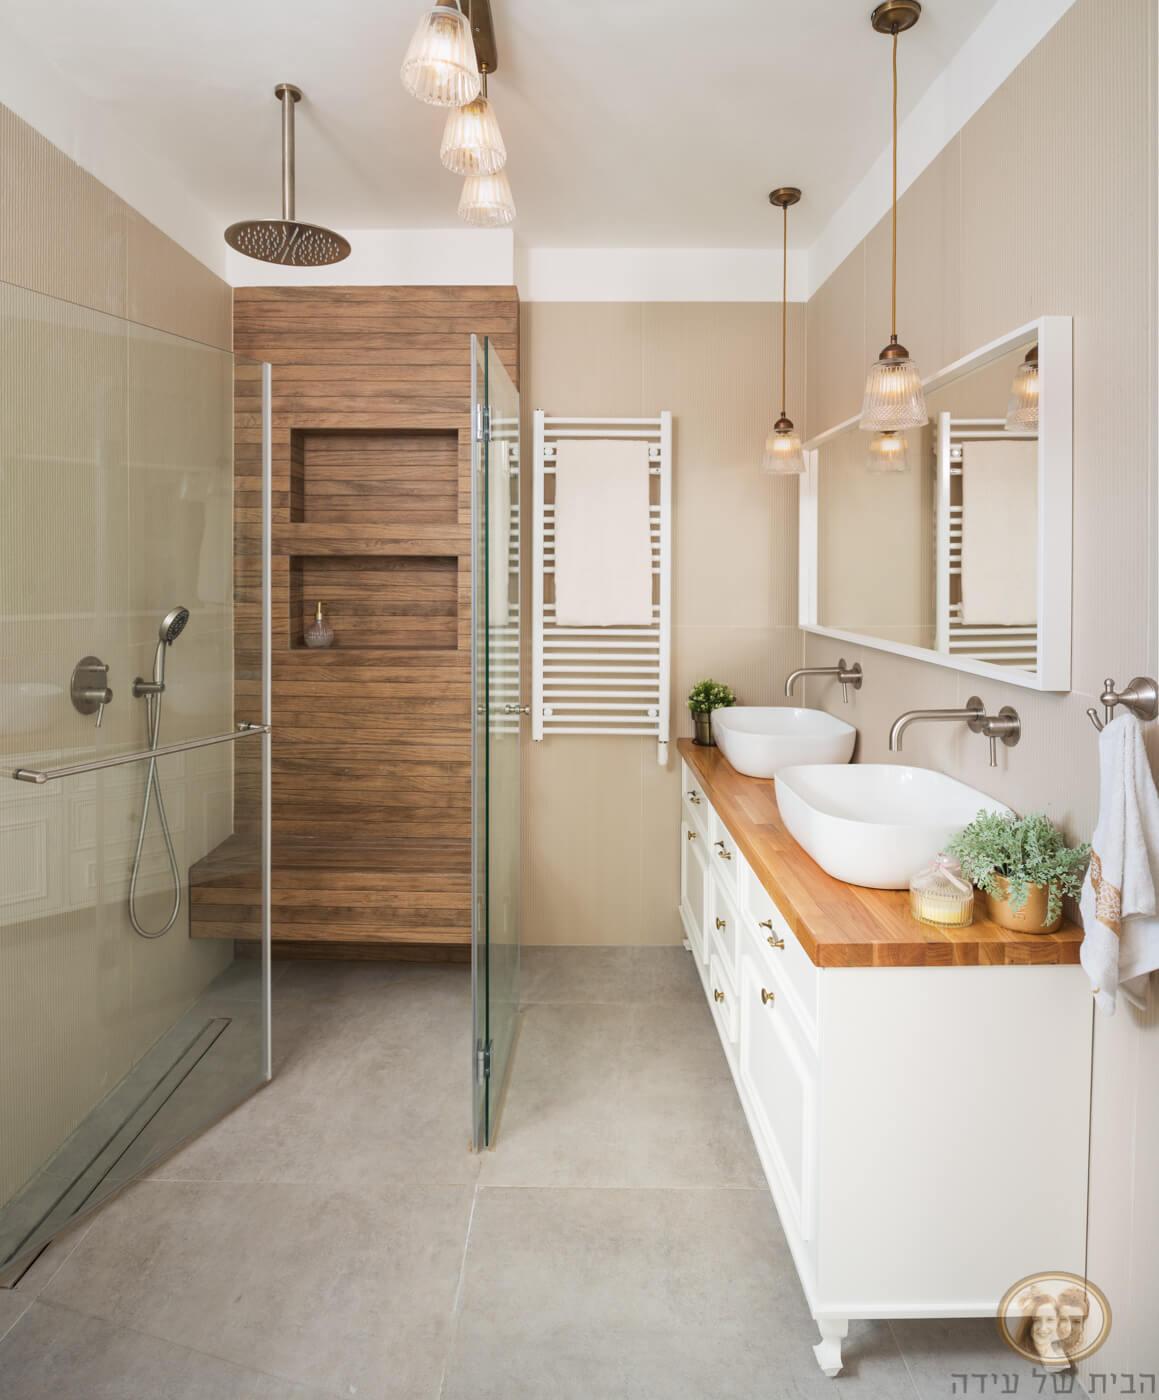 עיצוב חדר אמבטיה בסגנון ספא